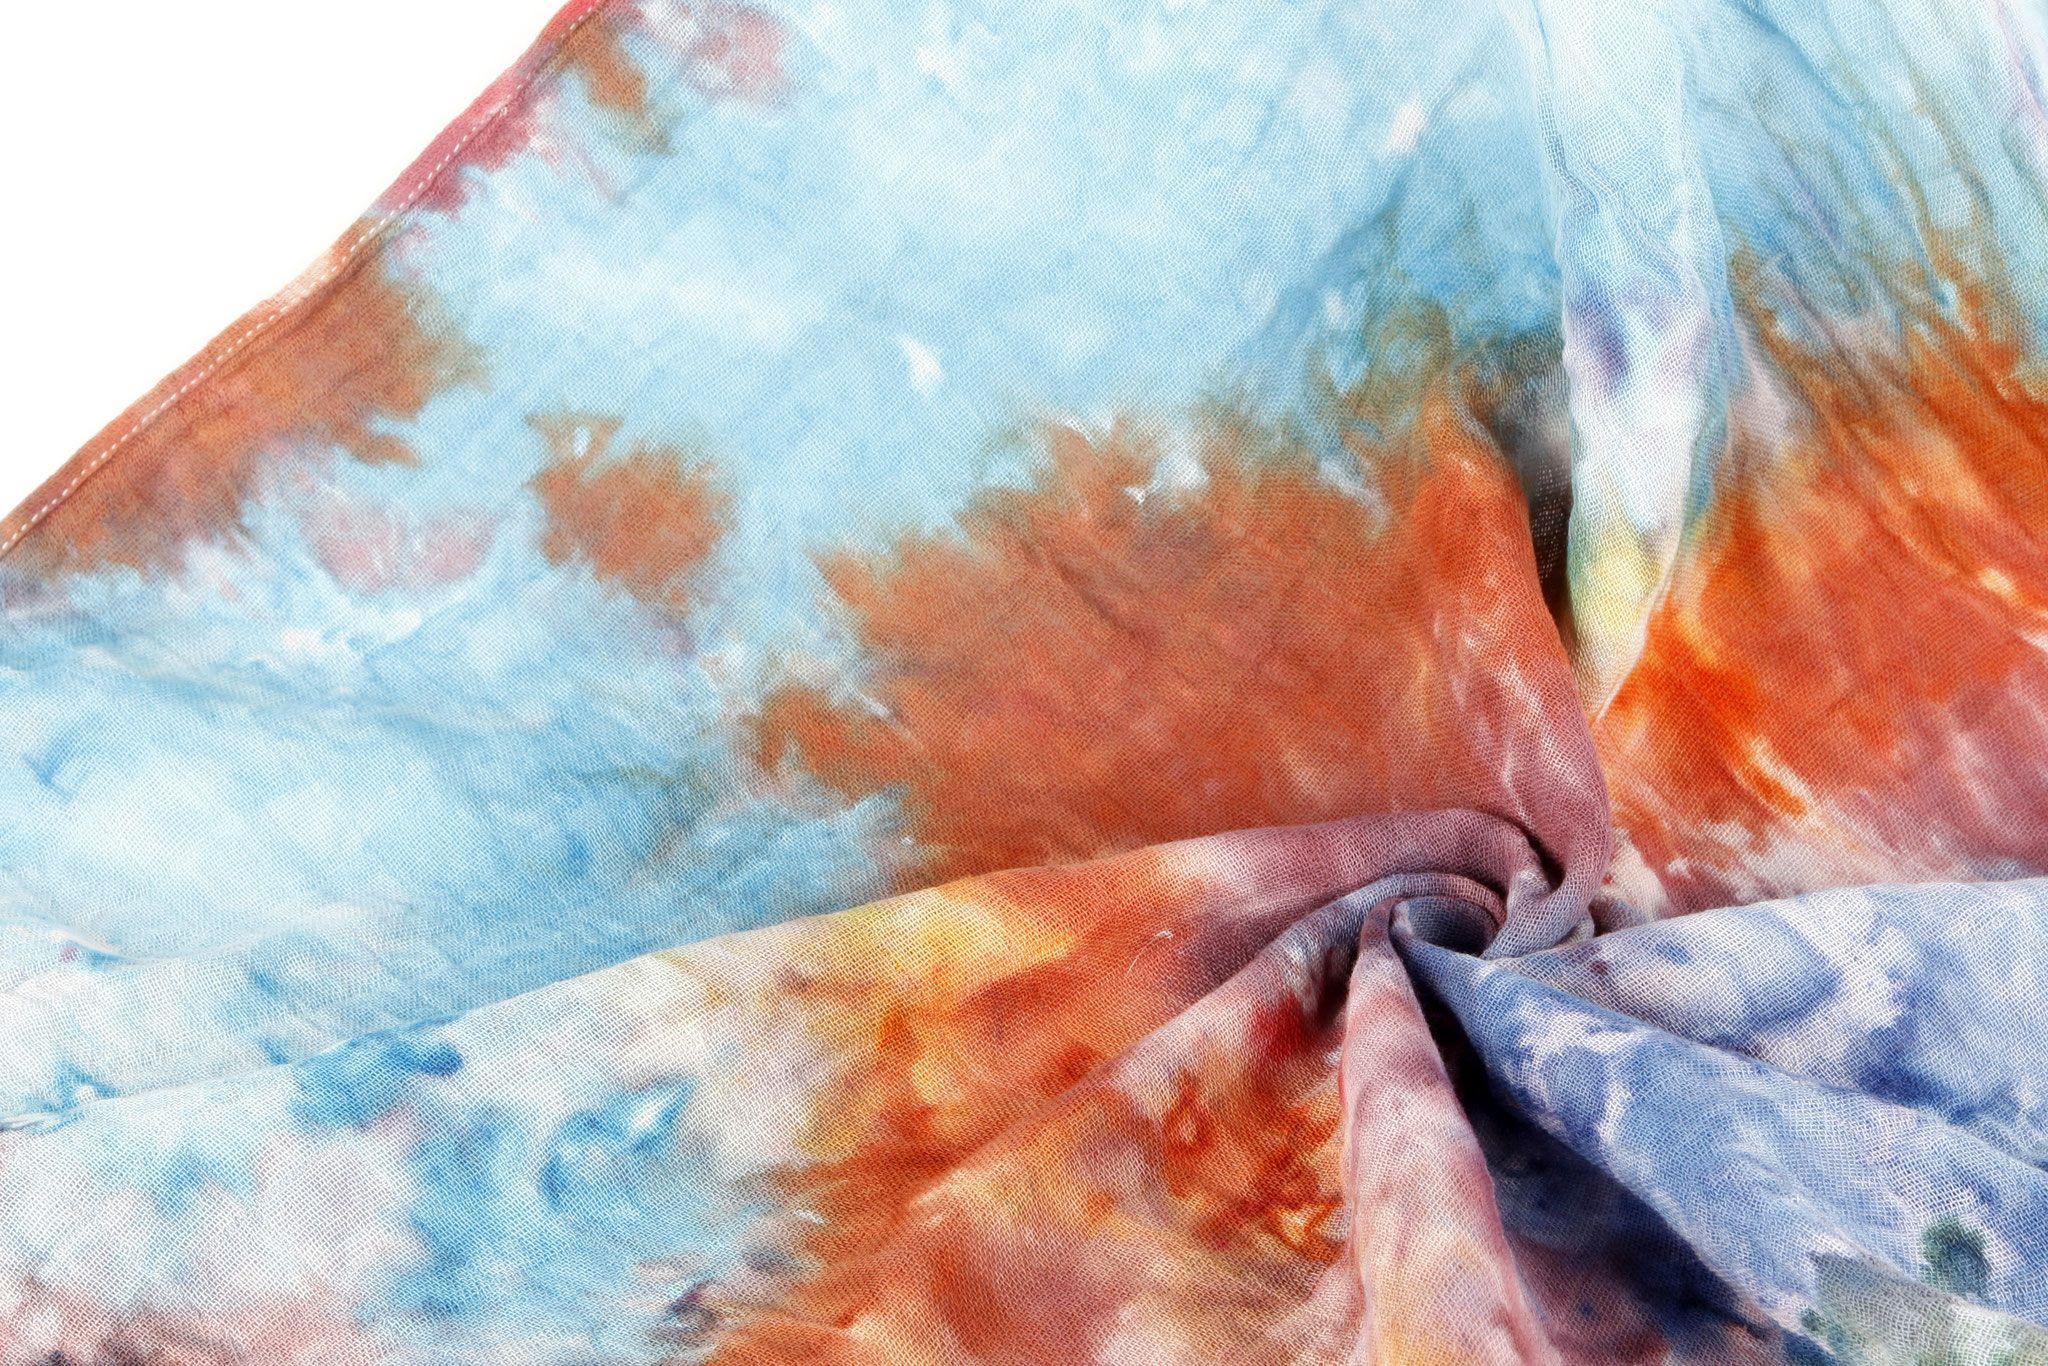 Stoff Mit Eiswurfeln Farben Batik Mit Eiswurfeln Stoff Stoff Farben Eiswurfel